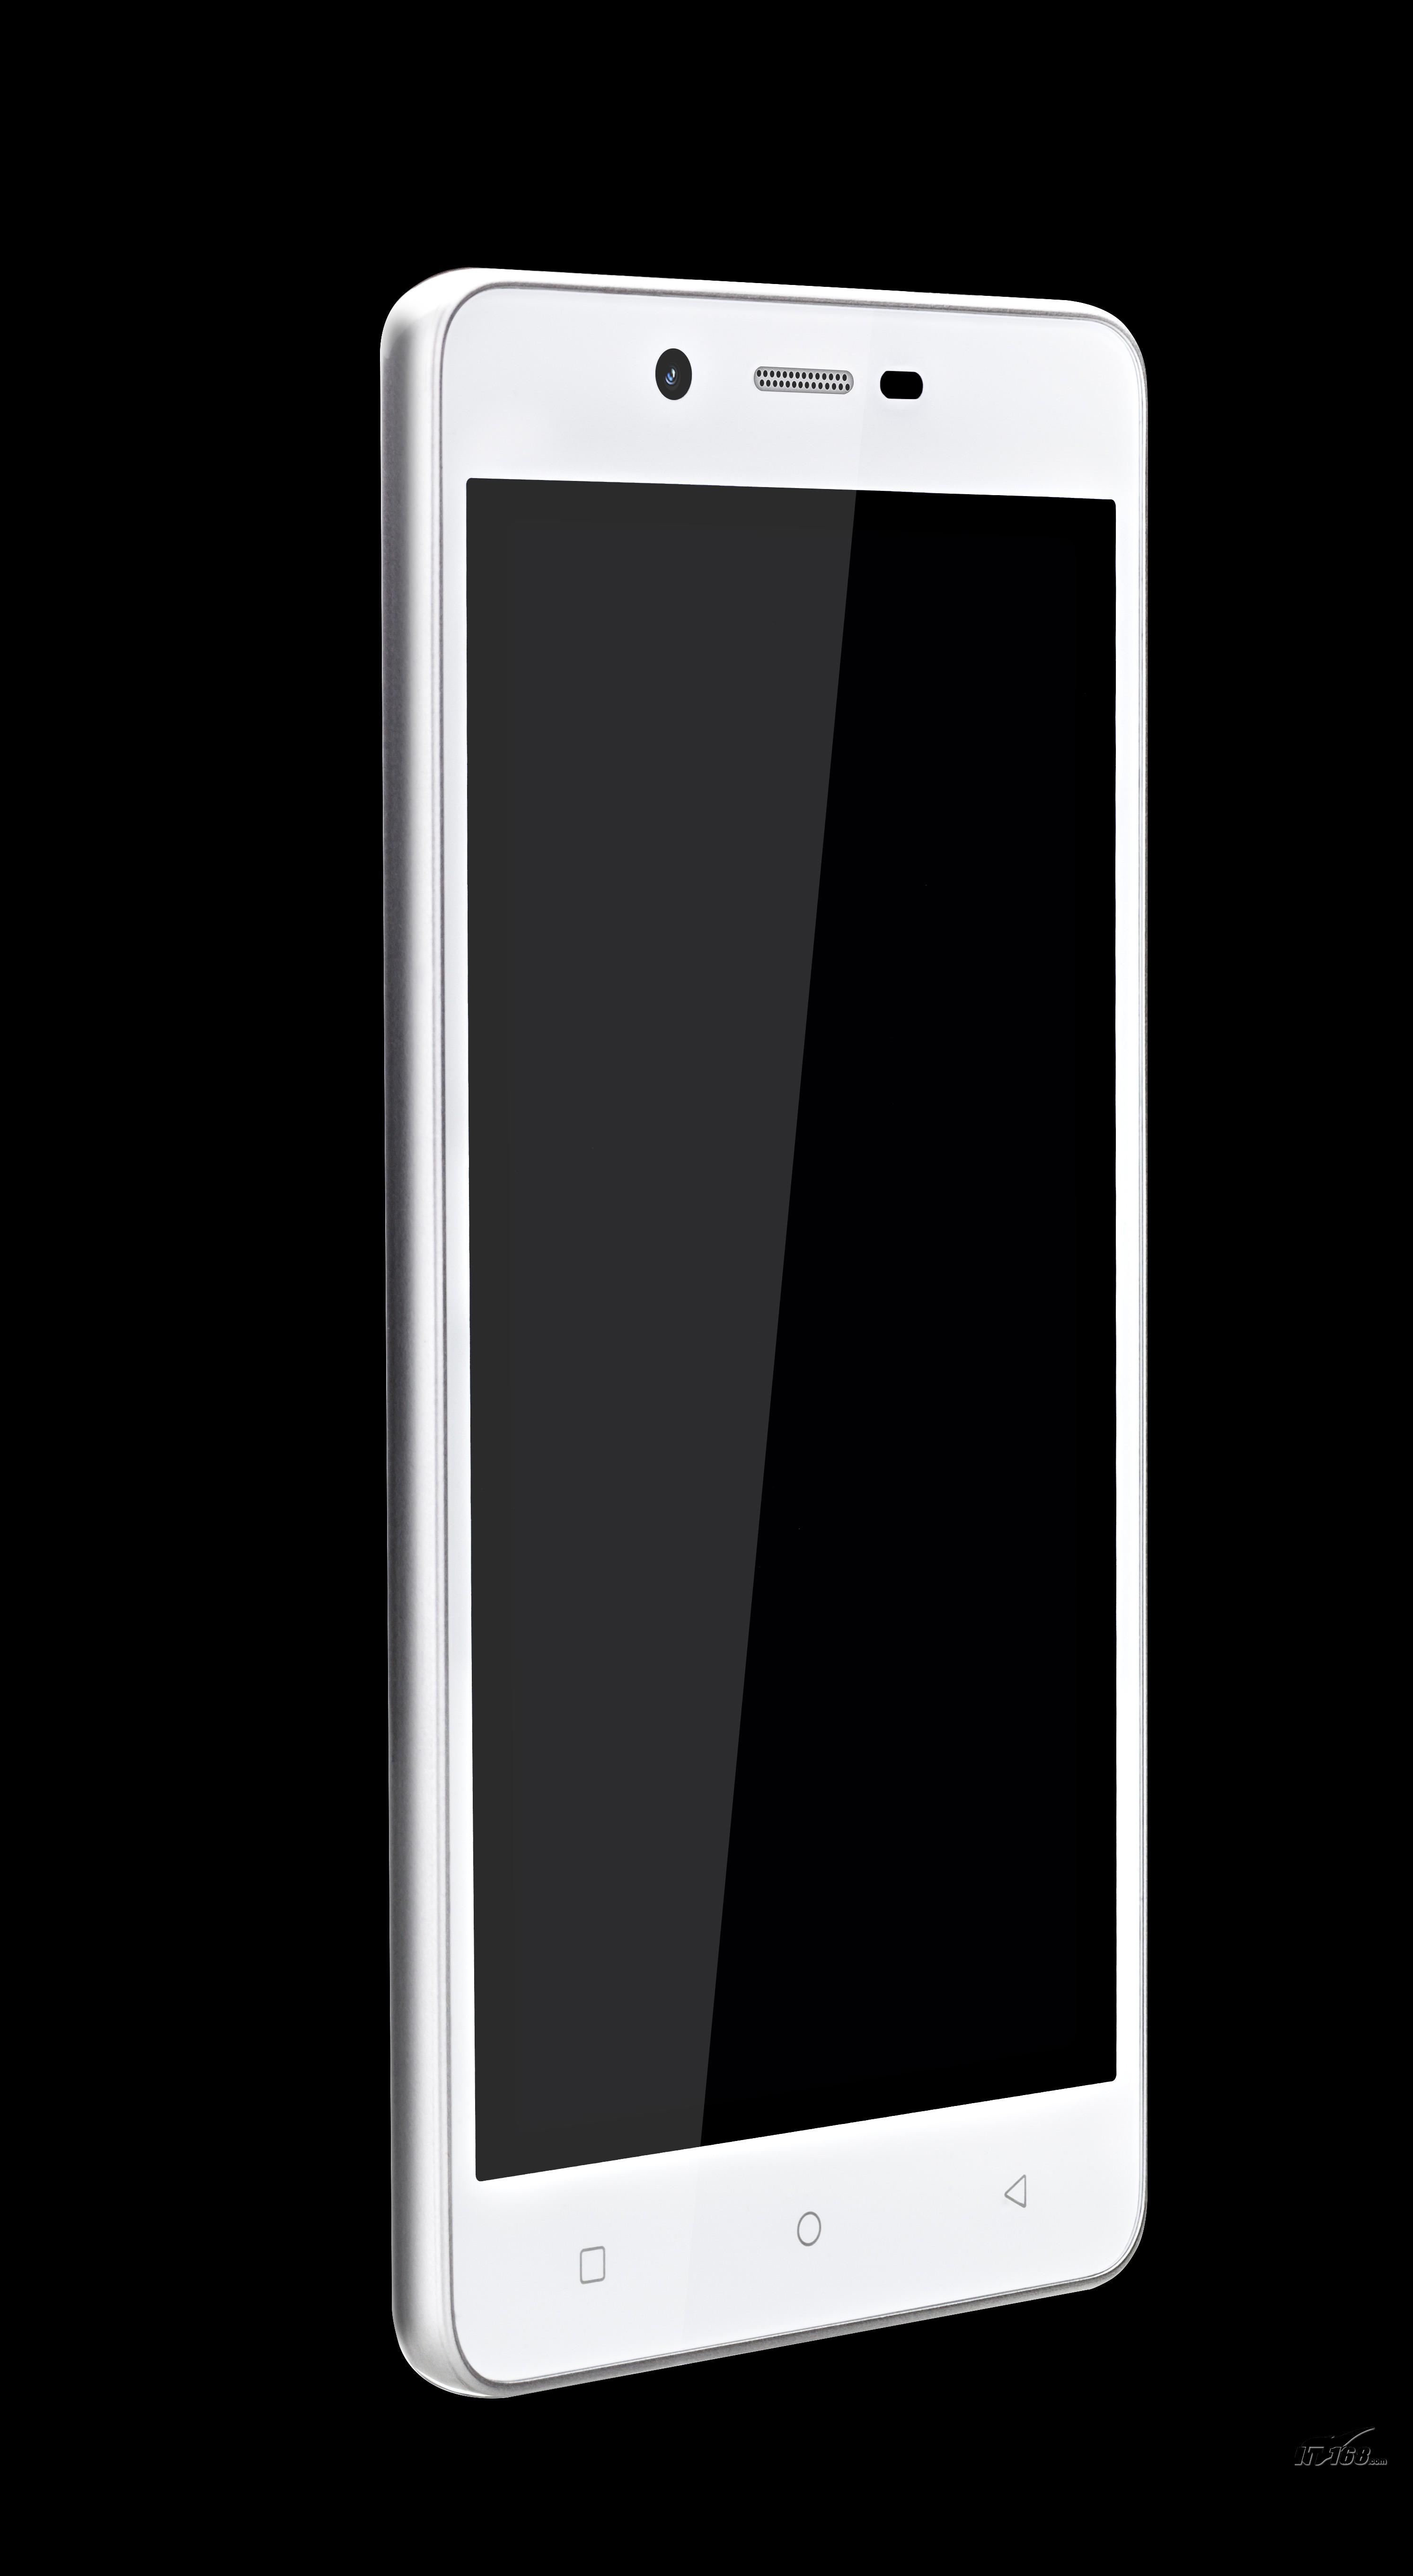 金立gn152 玉石白 移动4g手机产品图片23素材-it168